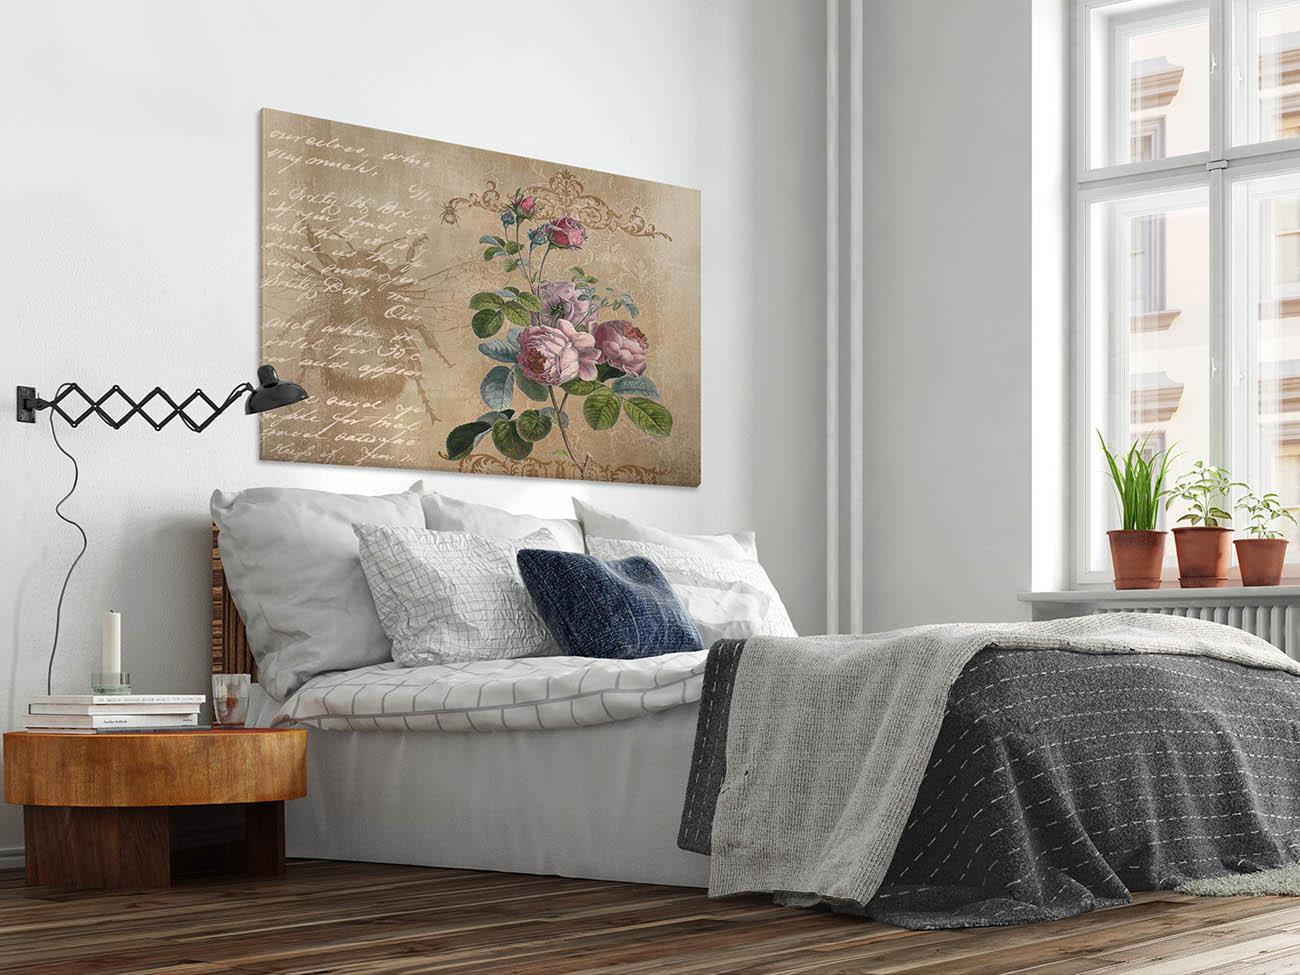 Epistemologia miłości - nowoczesny obraz do sypialni